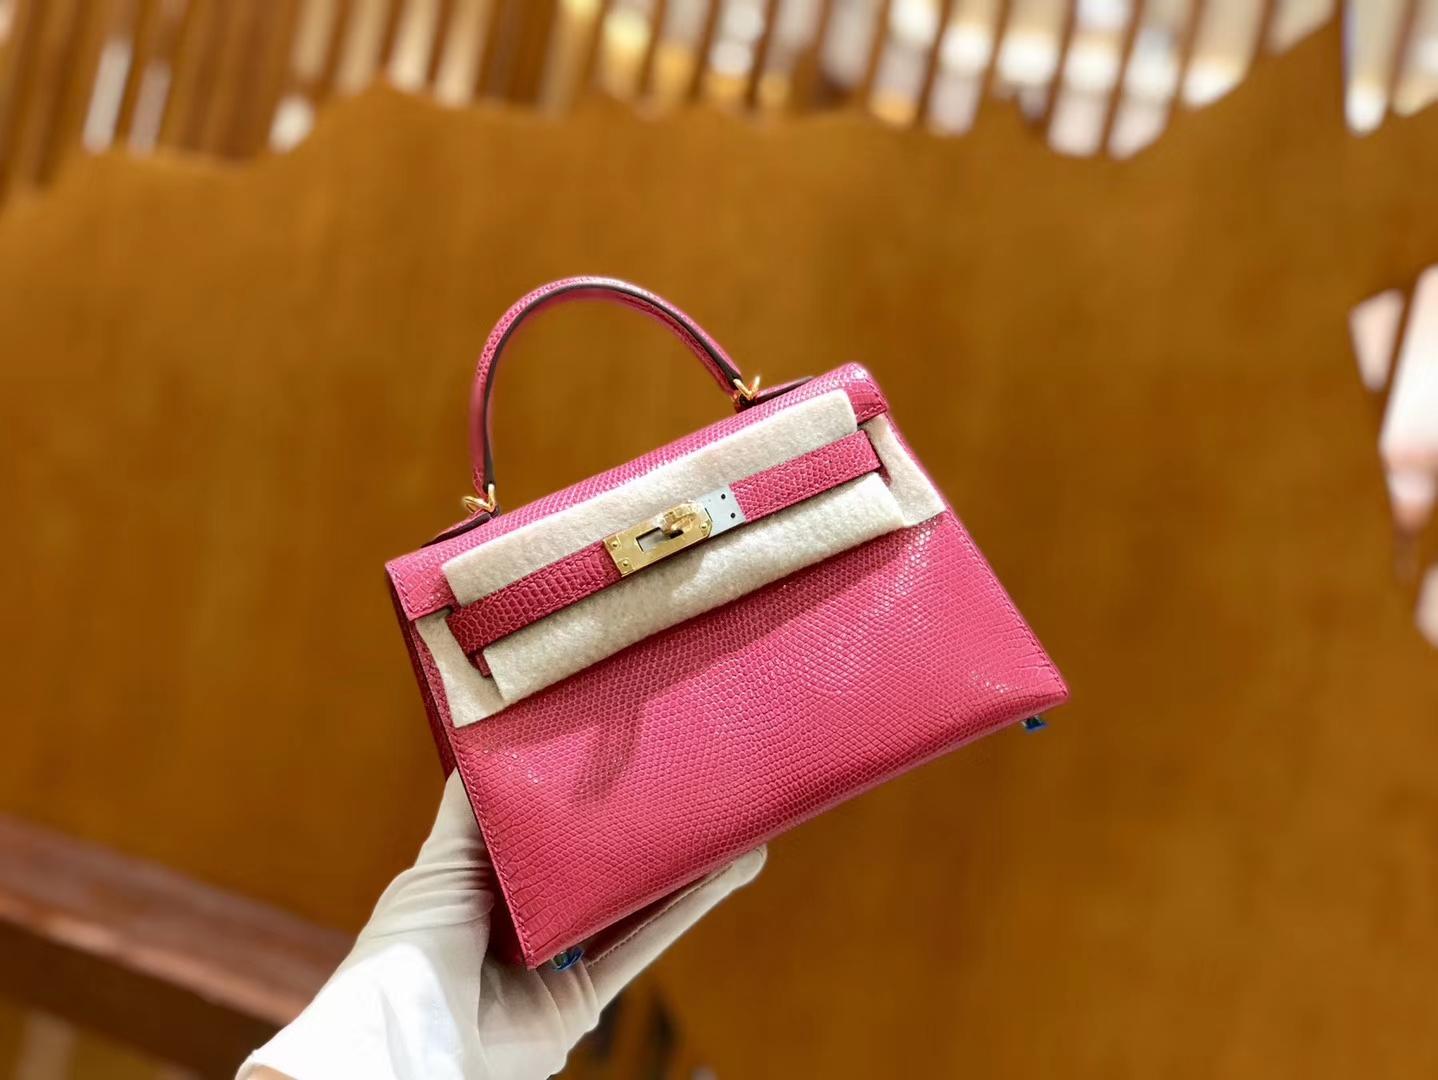 Hermès(爱马仕)新增现货 2代 19cm 蜥蜴皮 杜娟粉 金扣 全手工缝制